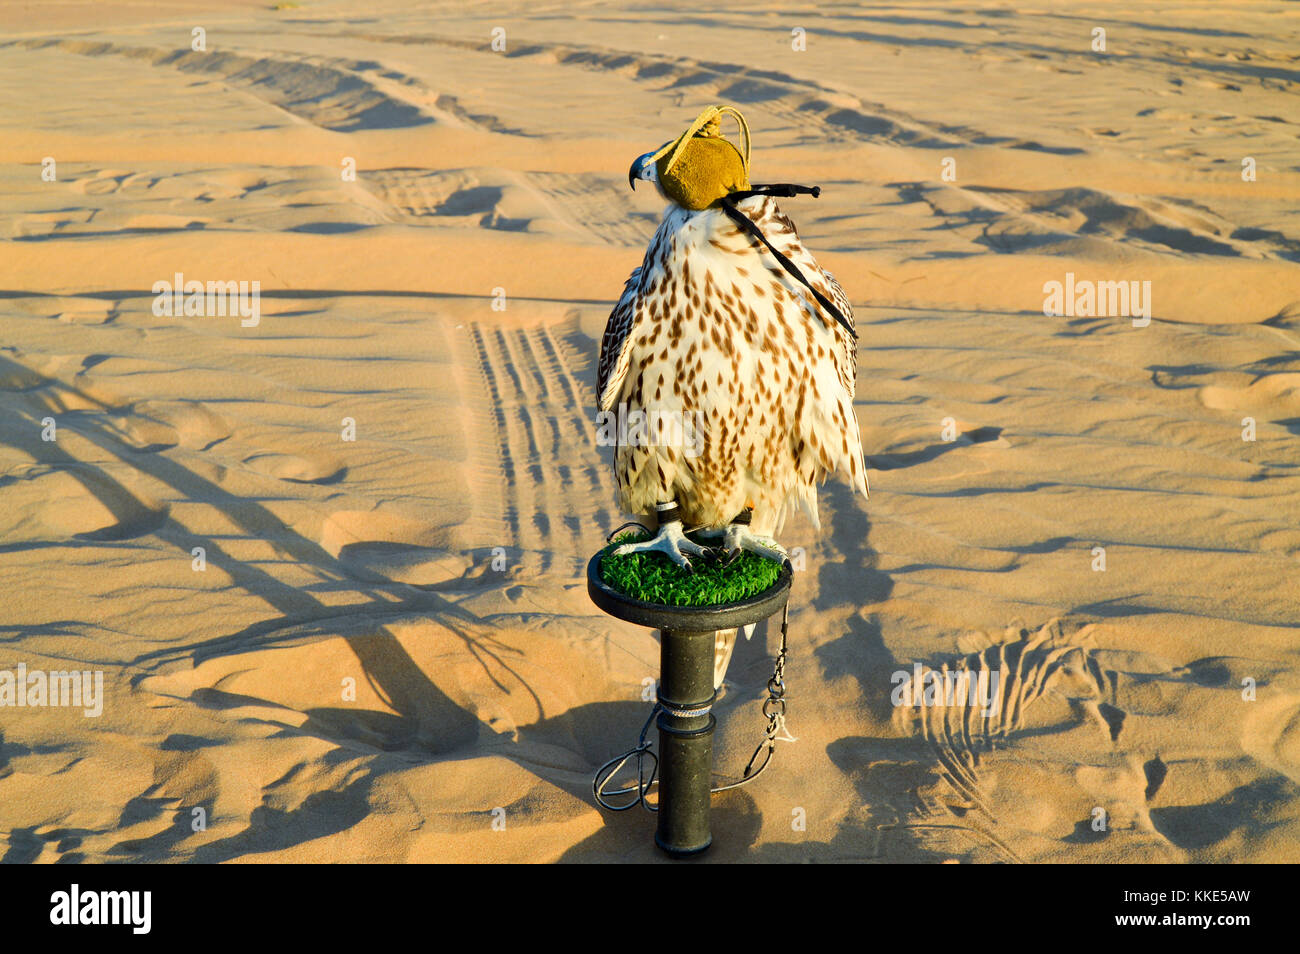 Una bella occhi bendati falcon nel deserto di Dubai. Immagini Stock